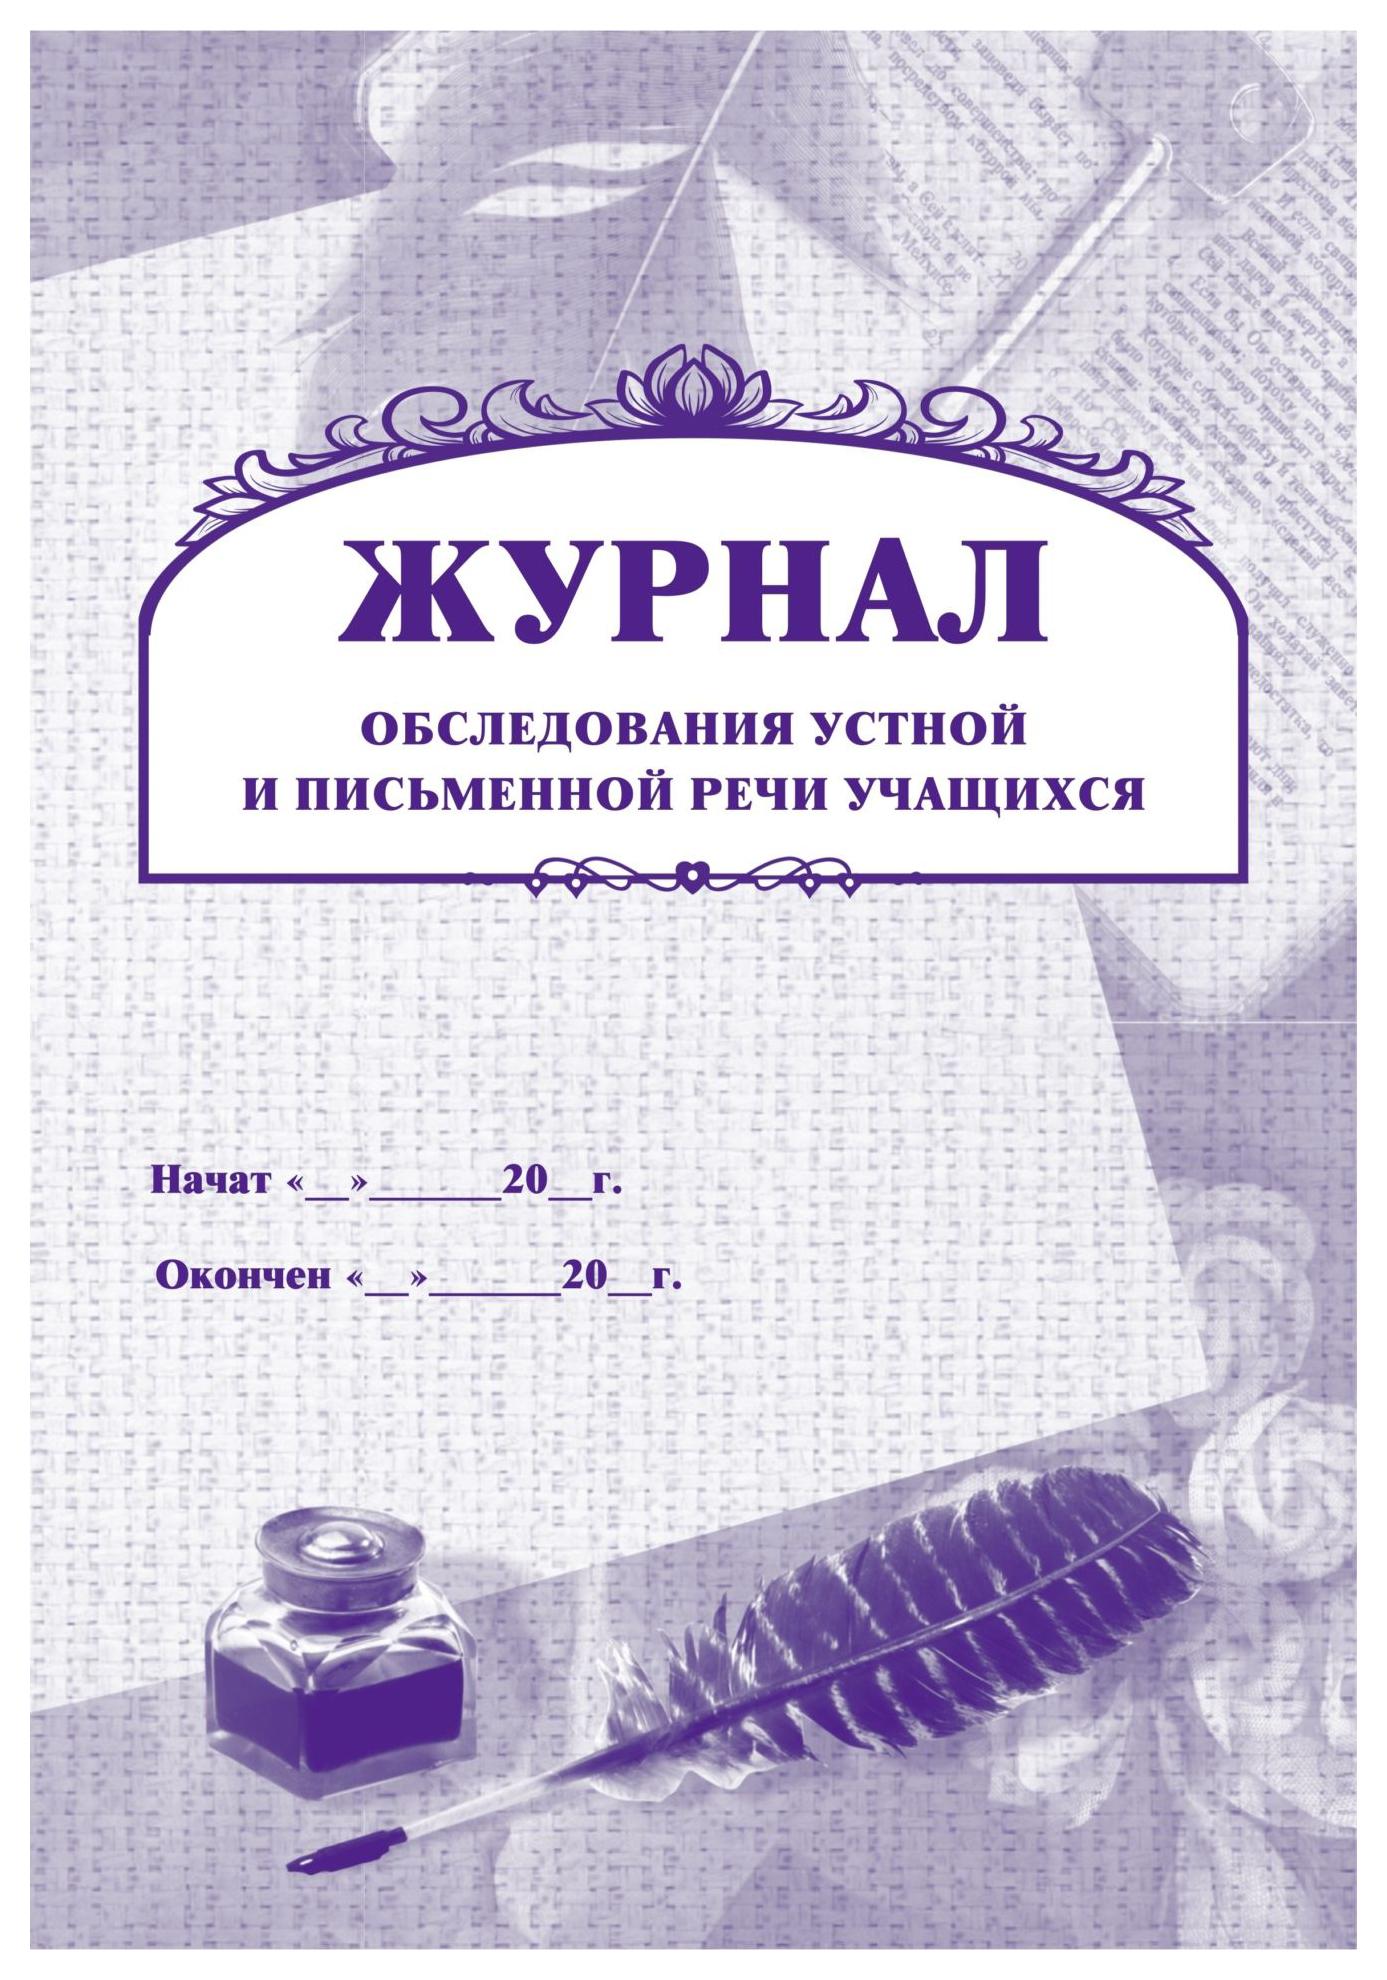 Журнал обследования устной и письменной речи учащихся